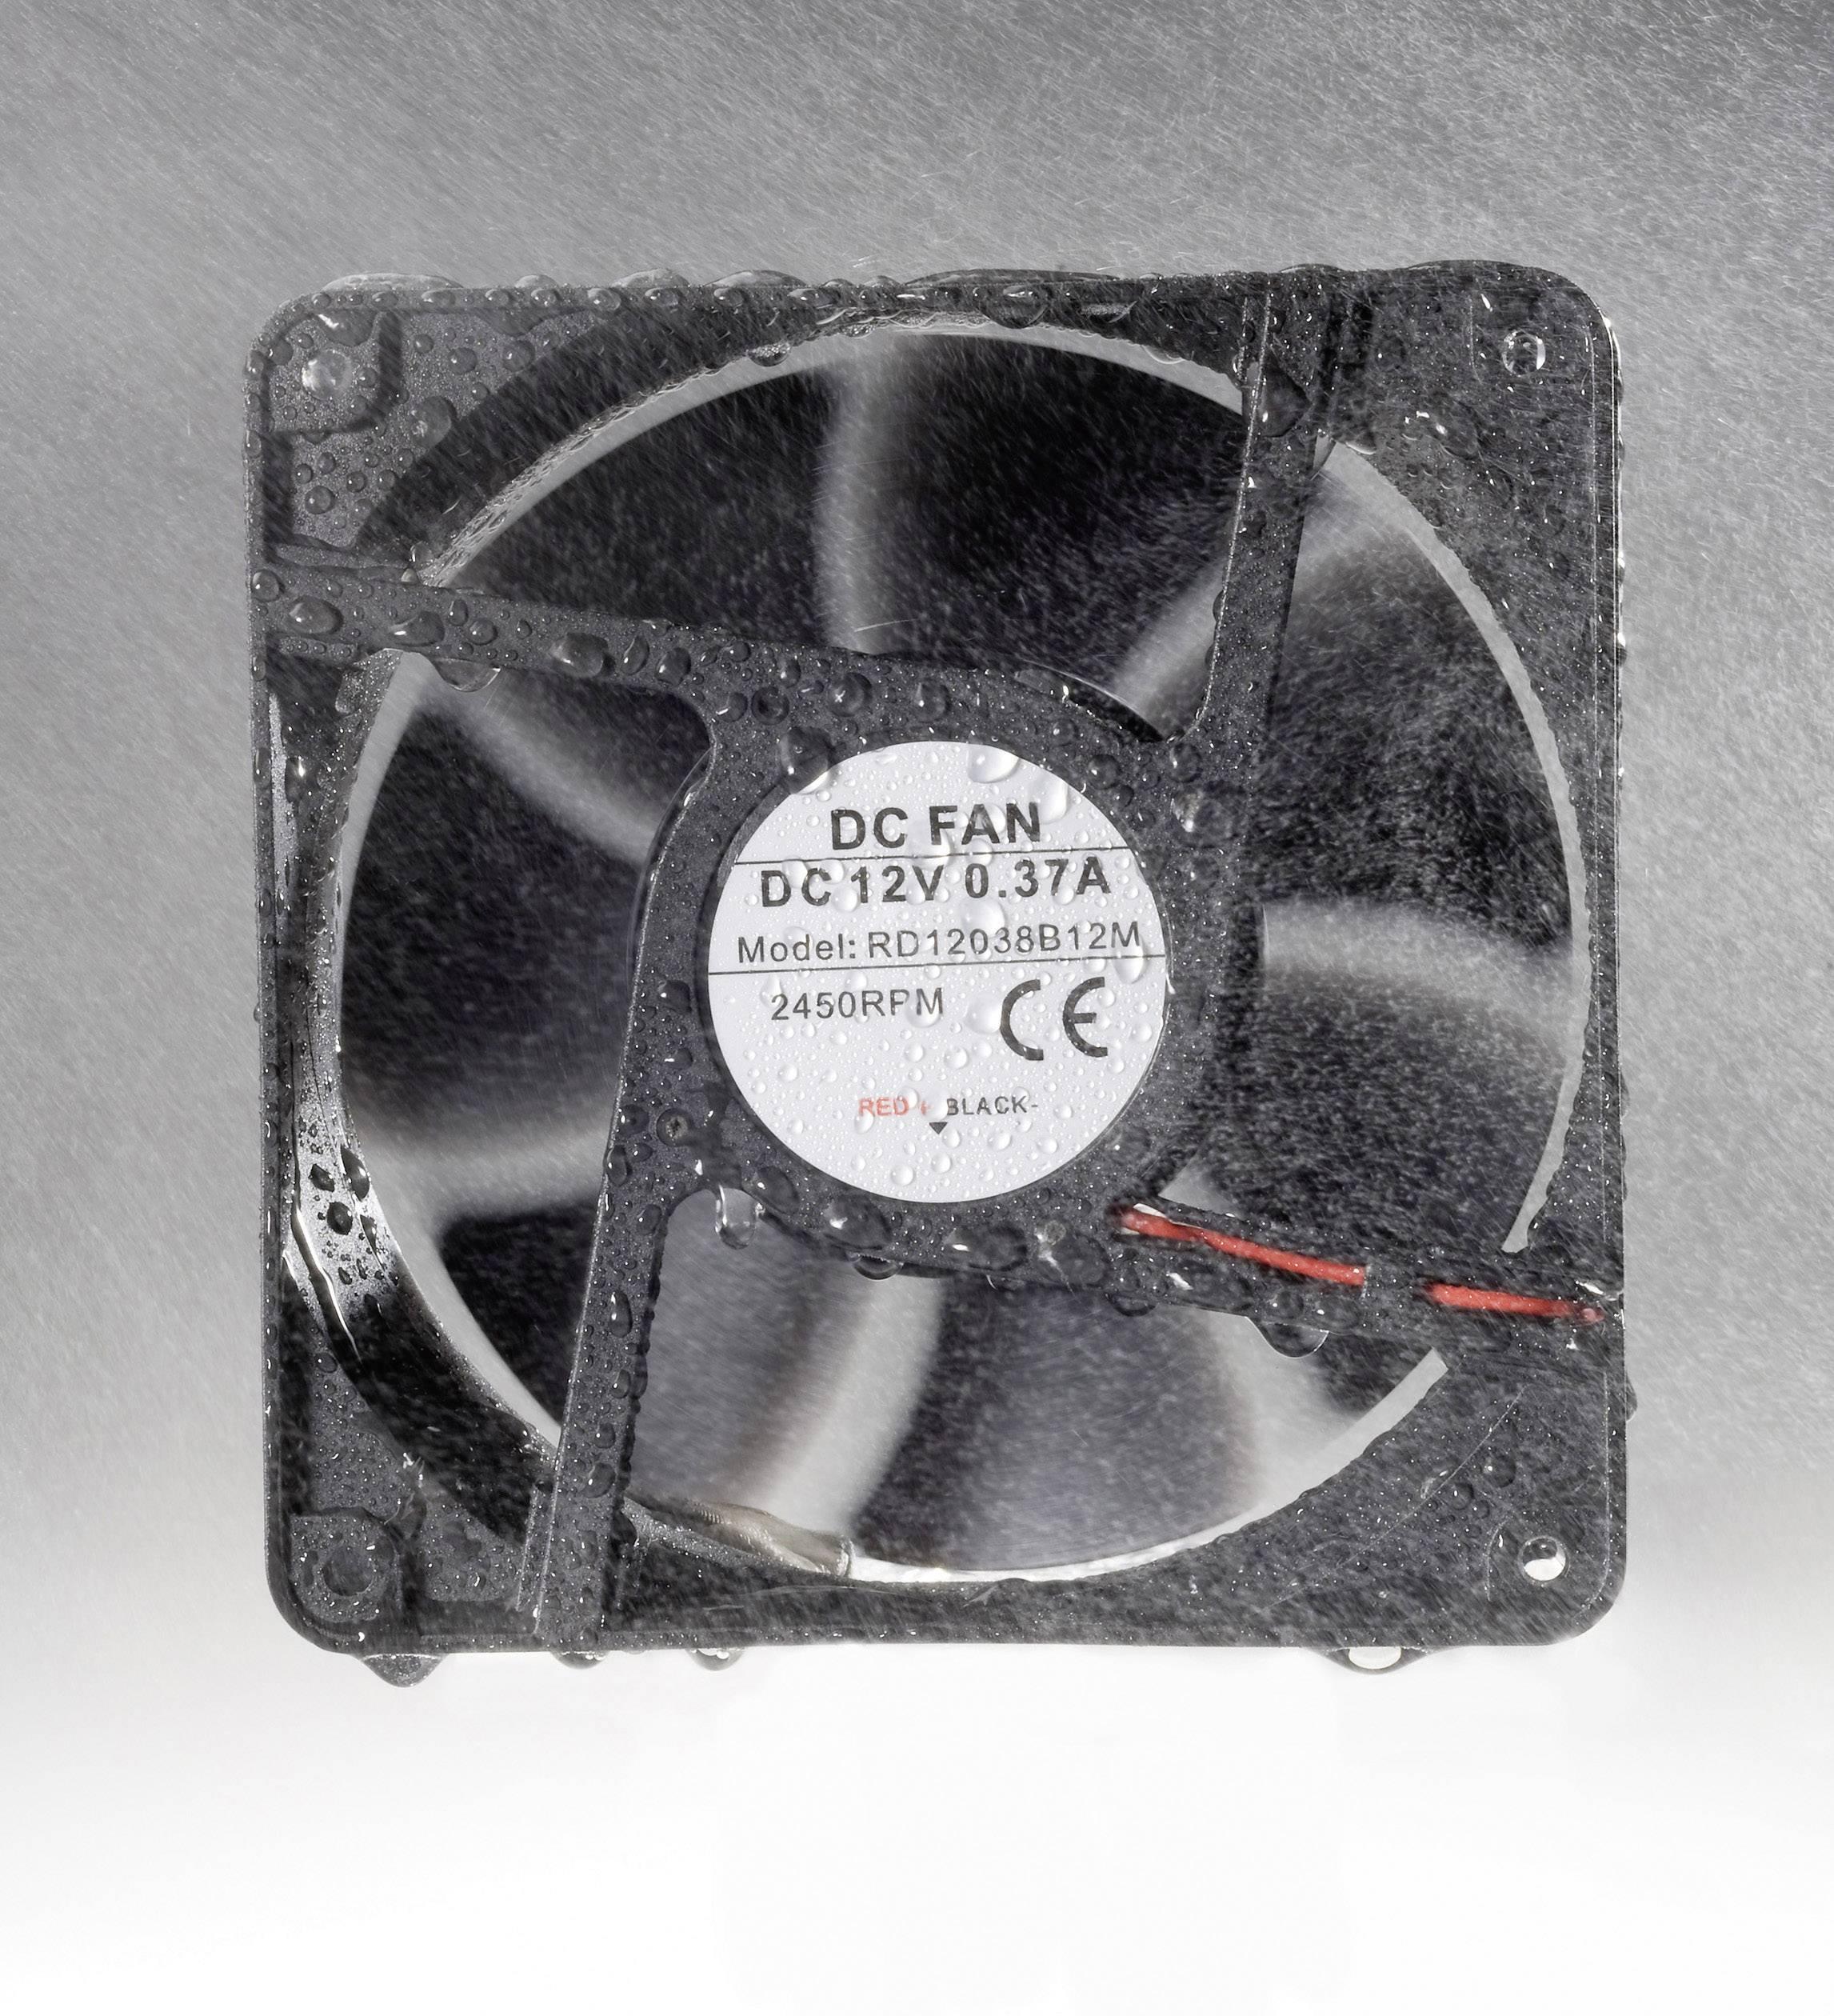 Voděodolný axiální ventilátor, RD12038B12L1, 12 V, 27 dBA, 120 x 120 x 38 mm